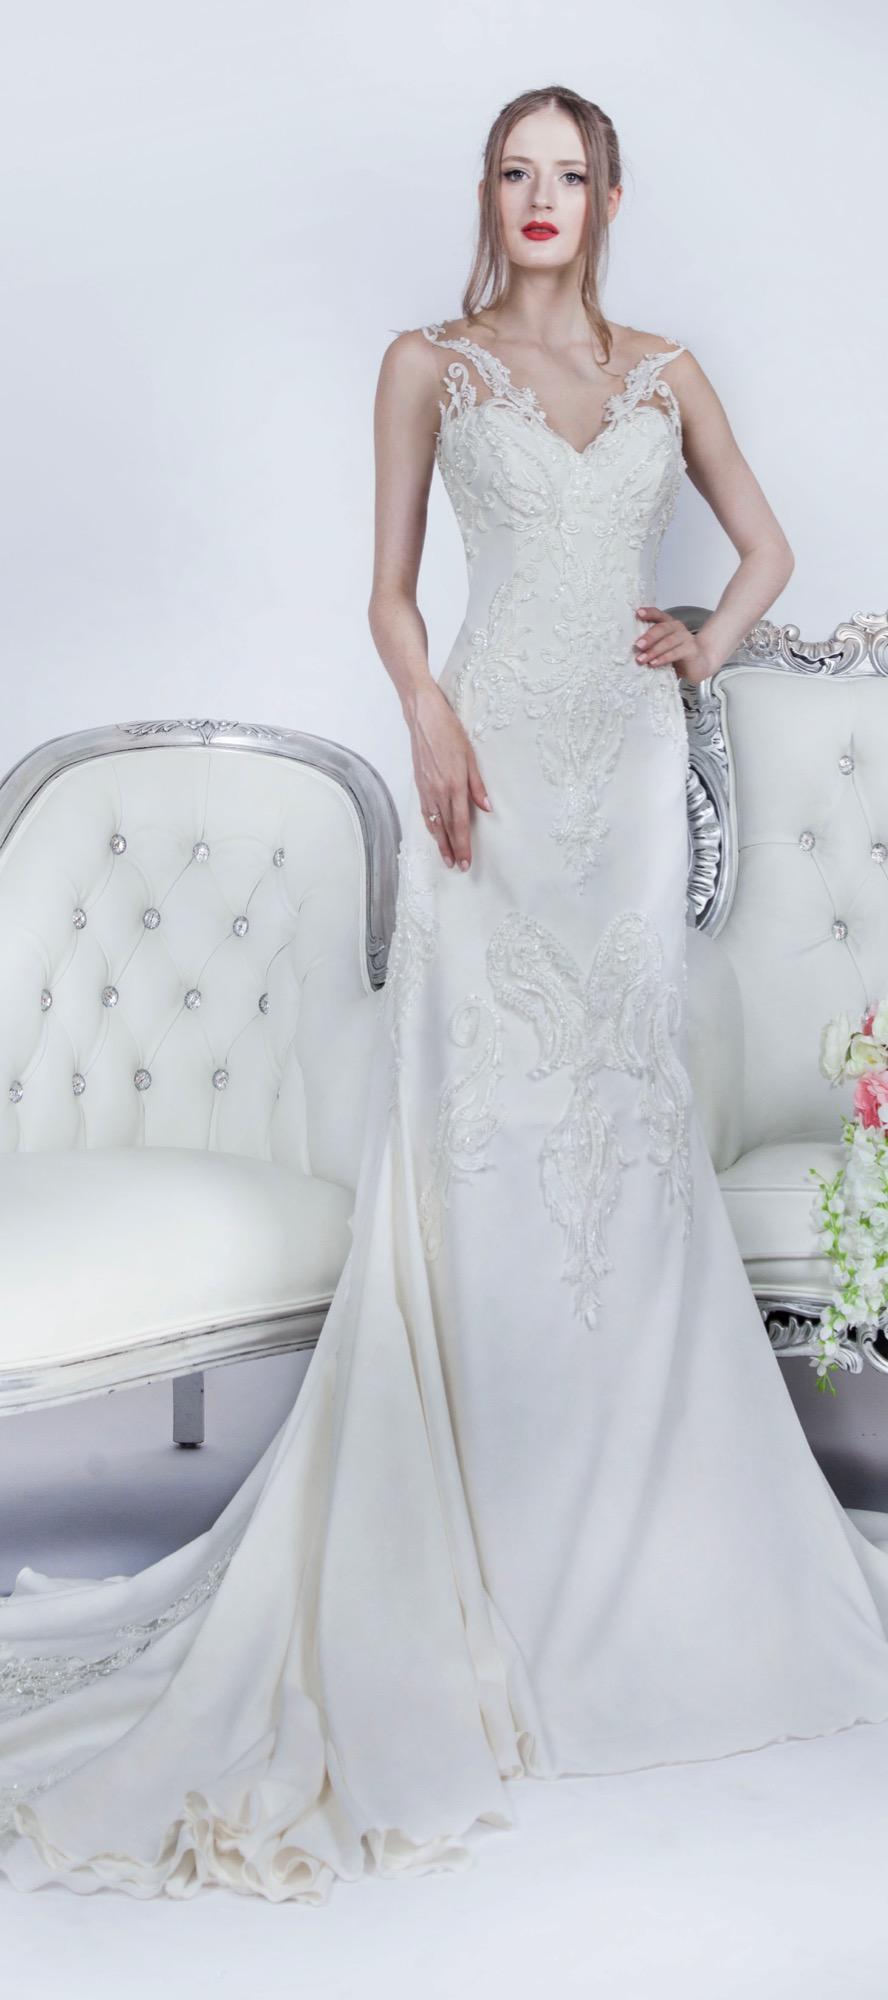 Dos original d'une belle robe de mariée en achat